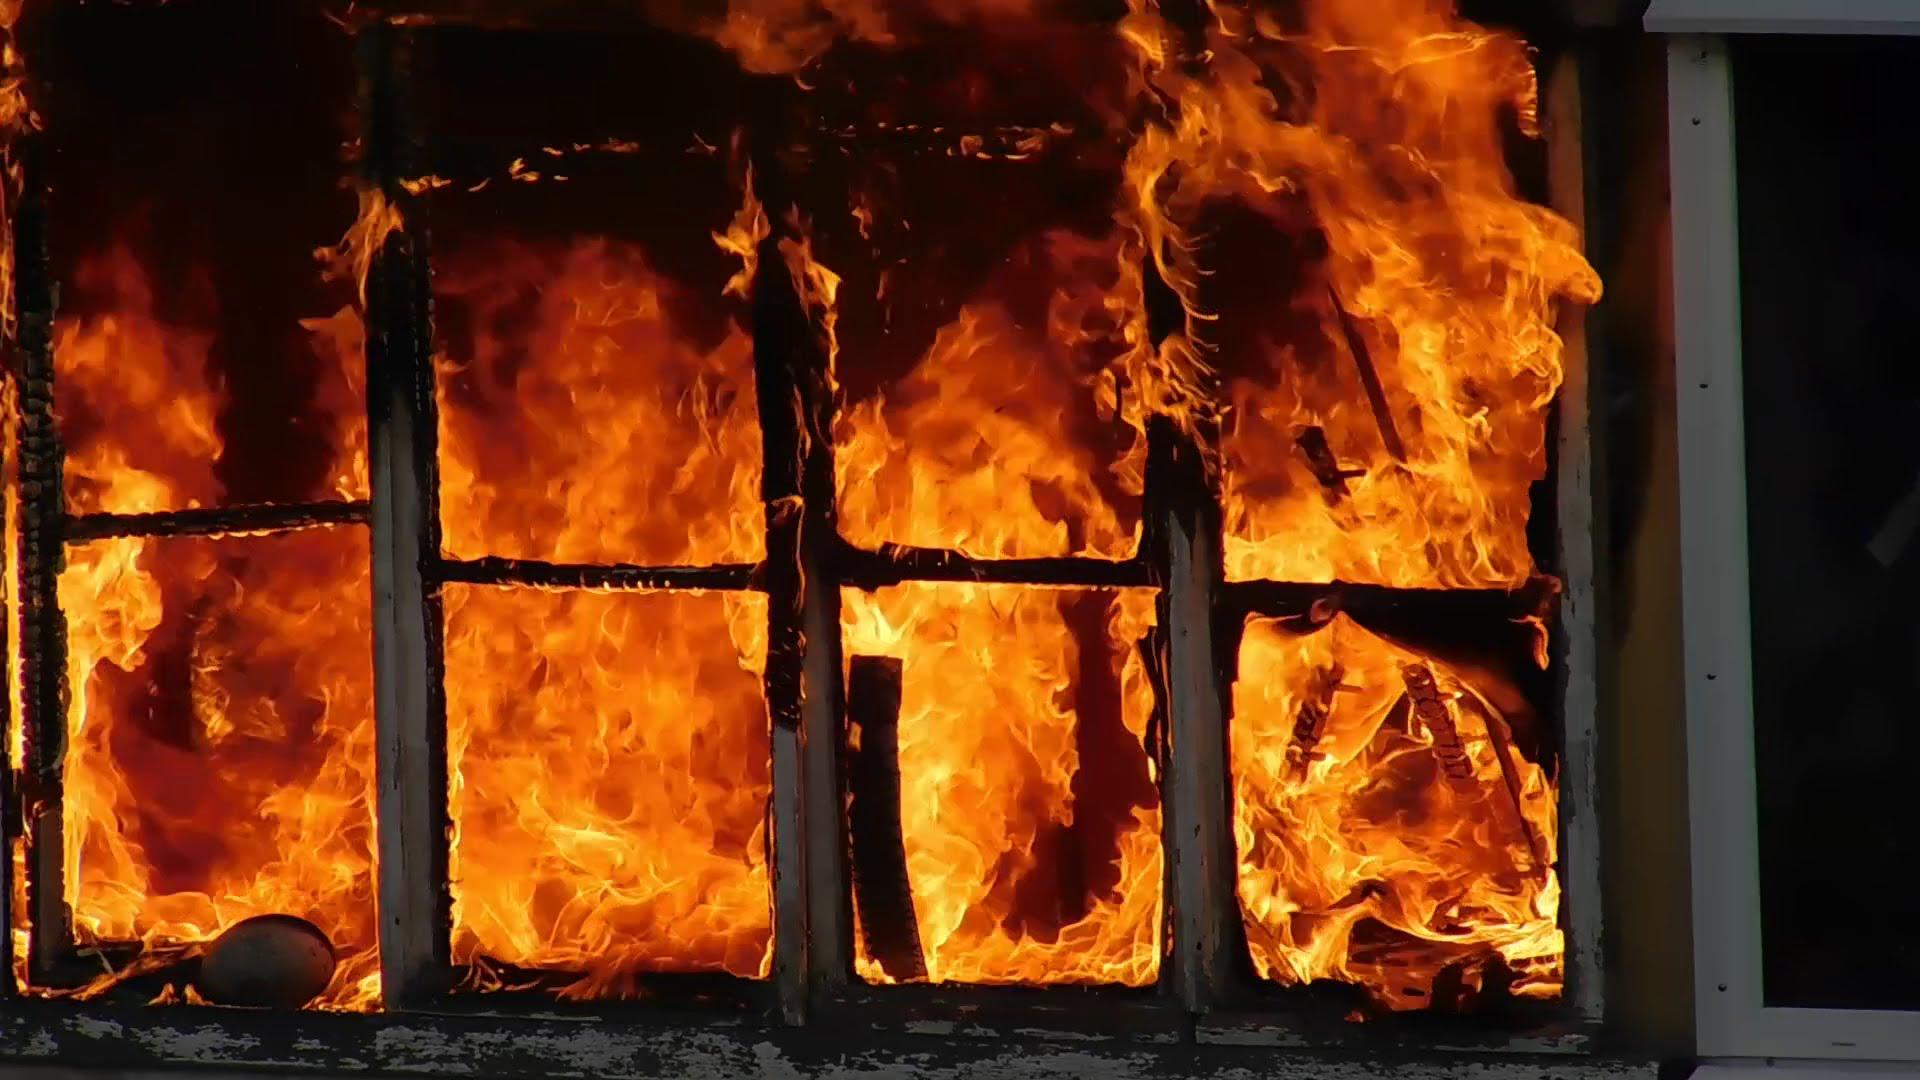 Мужчина спас девушку при пожаре, вытащив за руки через форточку